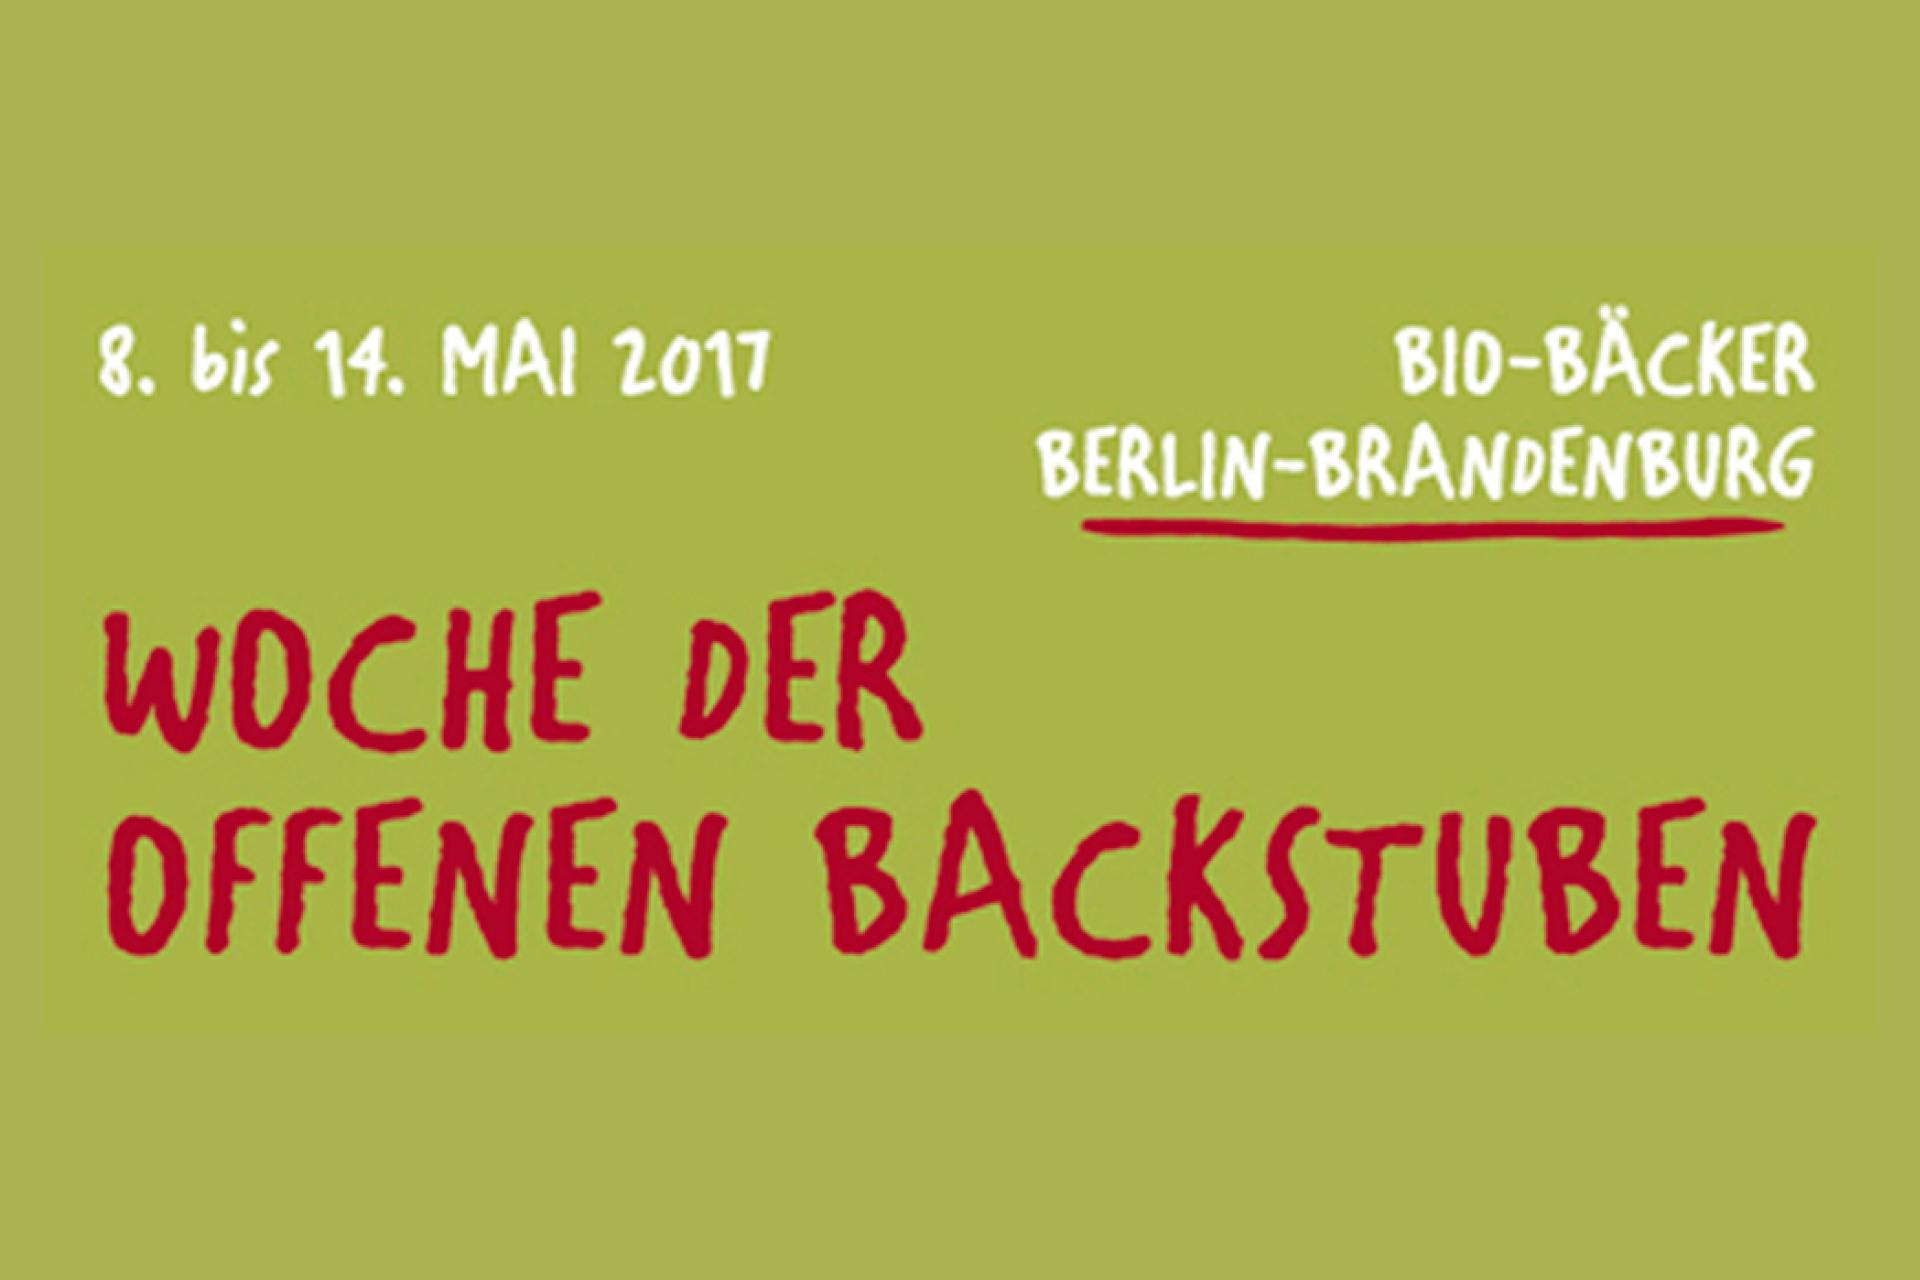 Woche Der Offenen Backstuben 2017 – Wir Heißen Sie Willkommen!